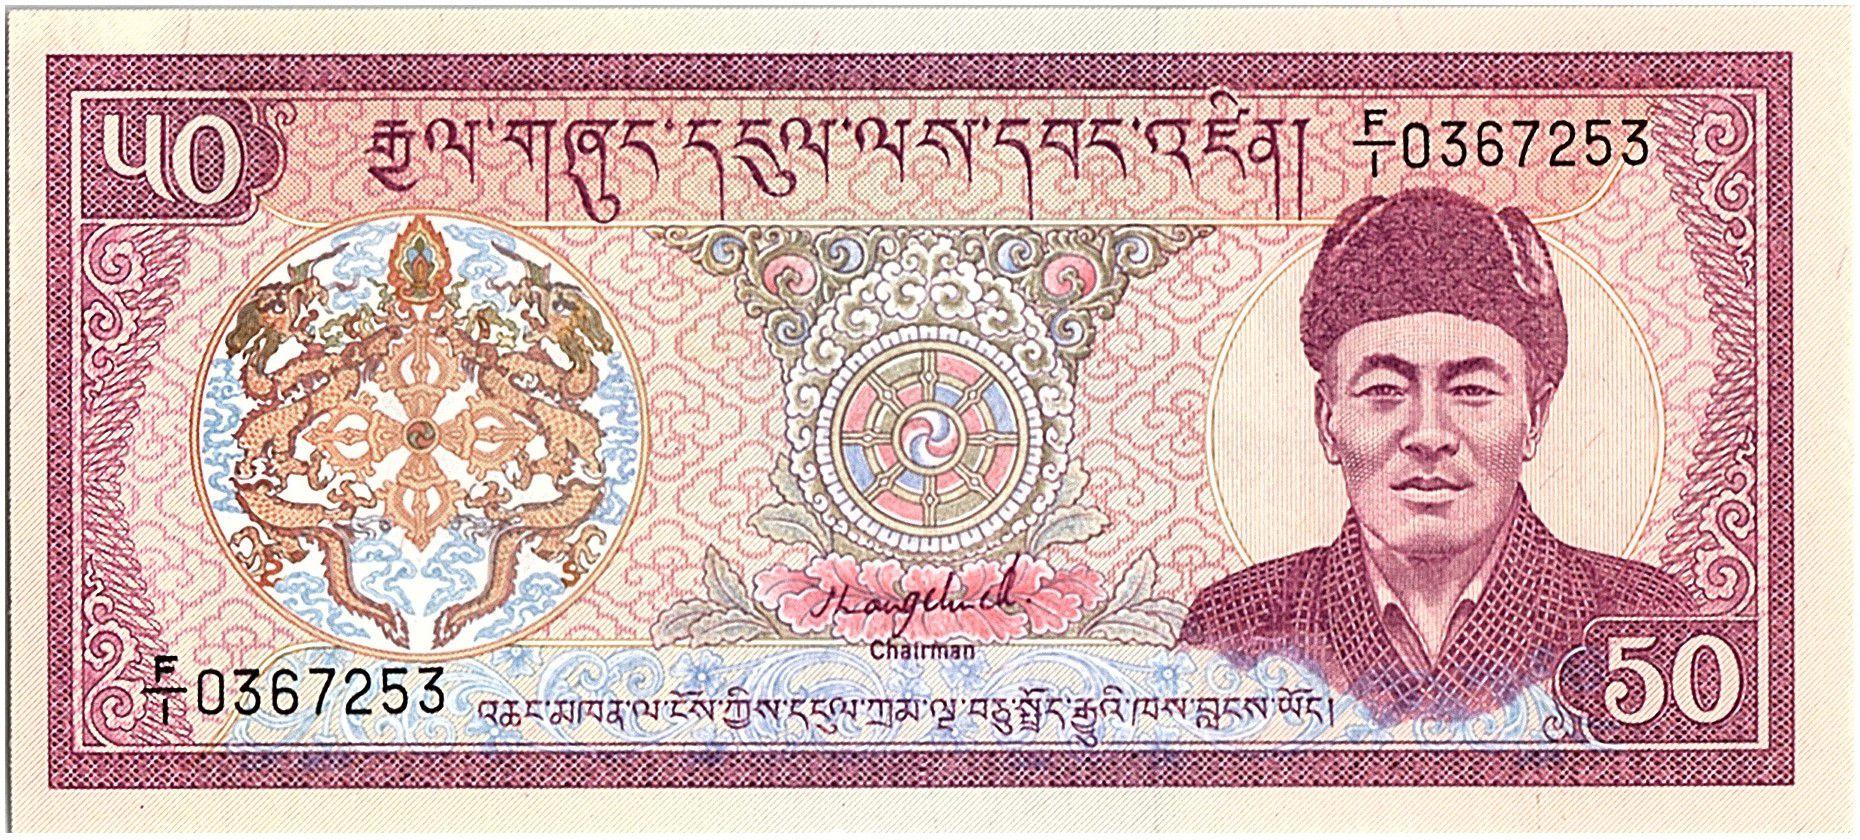 Bhoutan 50 Ngultrum,  Jigme Dorji Wangchuk - 1986 - P.17 a